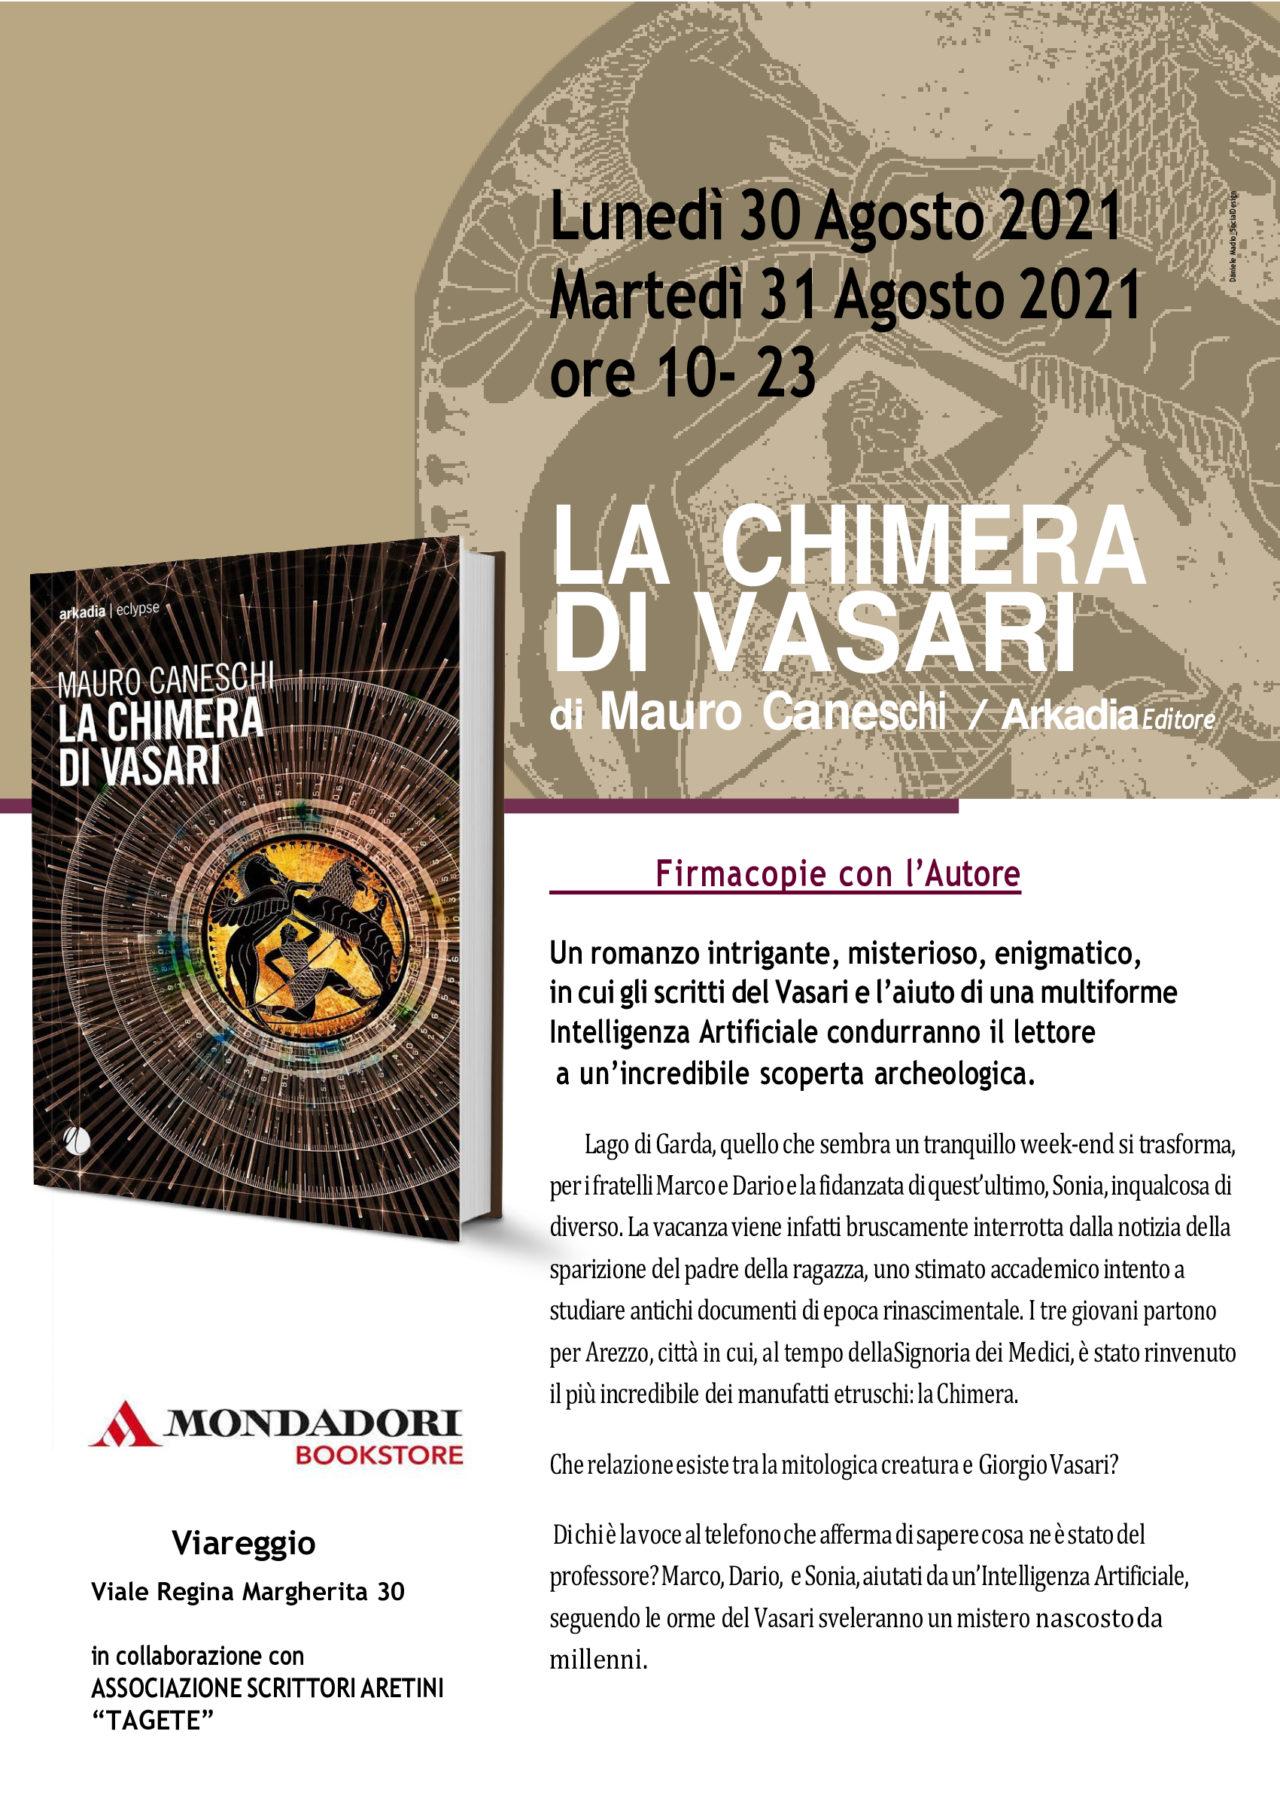 Locandina-Viareggio-1280x1795.jpg